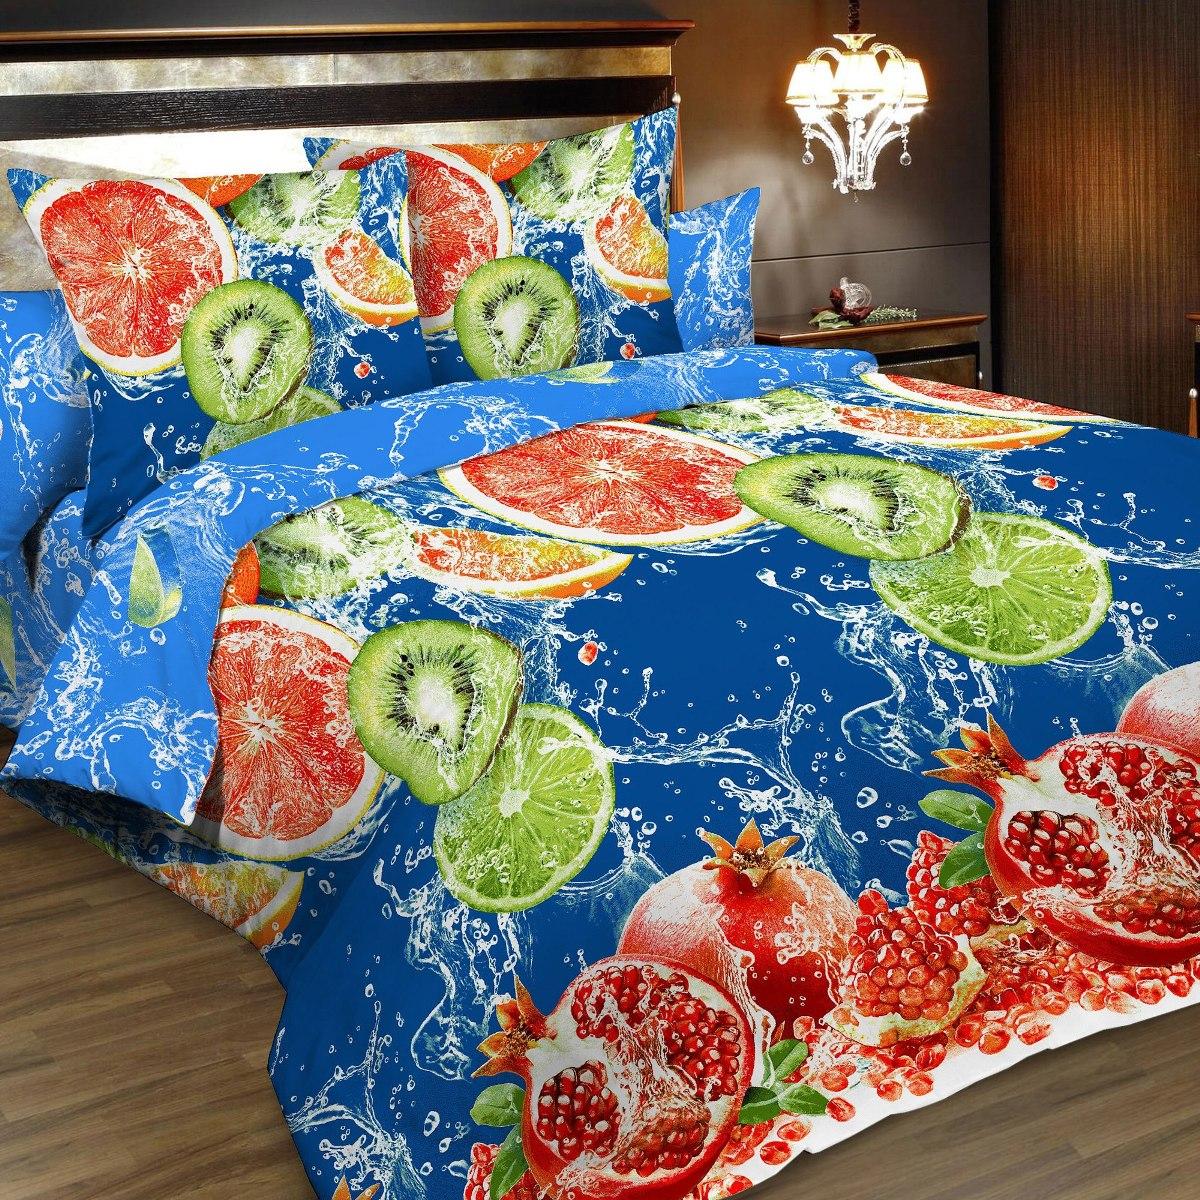 Комплект белья Letto, 2-спальный, наволочки 70х70, цвет: синий, красный. B166-4B166-4Серия Letto «Традиция» выполнена из классической российской бязи, привычной для большинства российских покупательниц. Ткань плотная (125гр/м), используются современные устойчивые красители. Традиционная российская бязь выгодно отличается от импортных аналогов по цене, при том, что сама ткань и толще, меньше сминается и служит намного дольше. Рекомендуется перед первым использованием постирать, но не пересушивать. Применение кондиционера при стирке сделает такое постельное белье мягче и комфортней. Пододеяльник на молнии. Обращаем внимание, что расцветка наволочек может отличаться от представленной на фото.Советы по выбору постельного белья от блогера Ирины Соковых. Статья OZON Гид